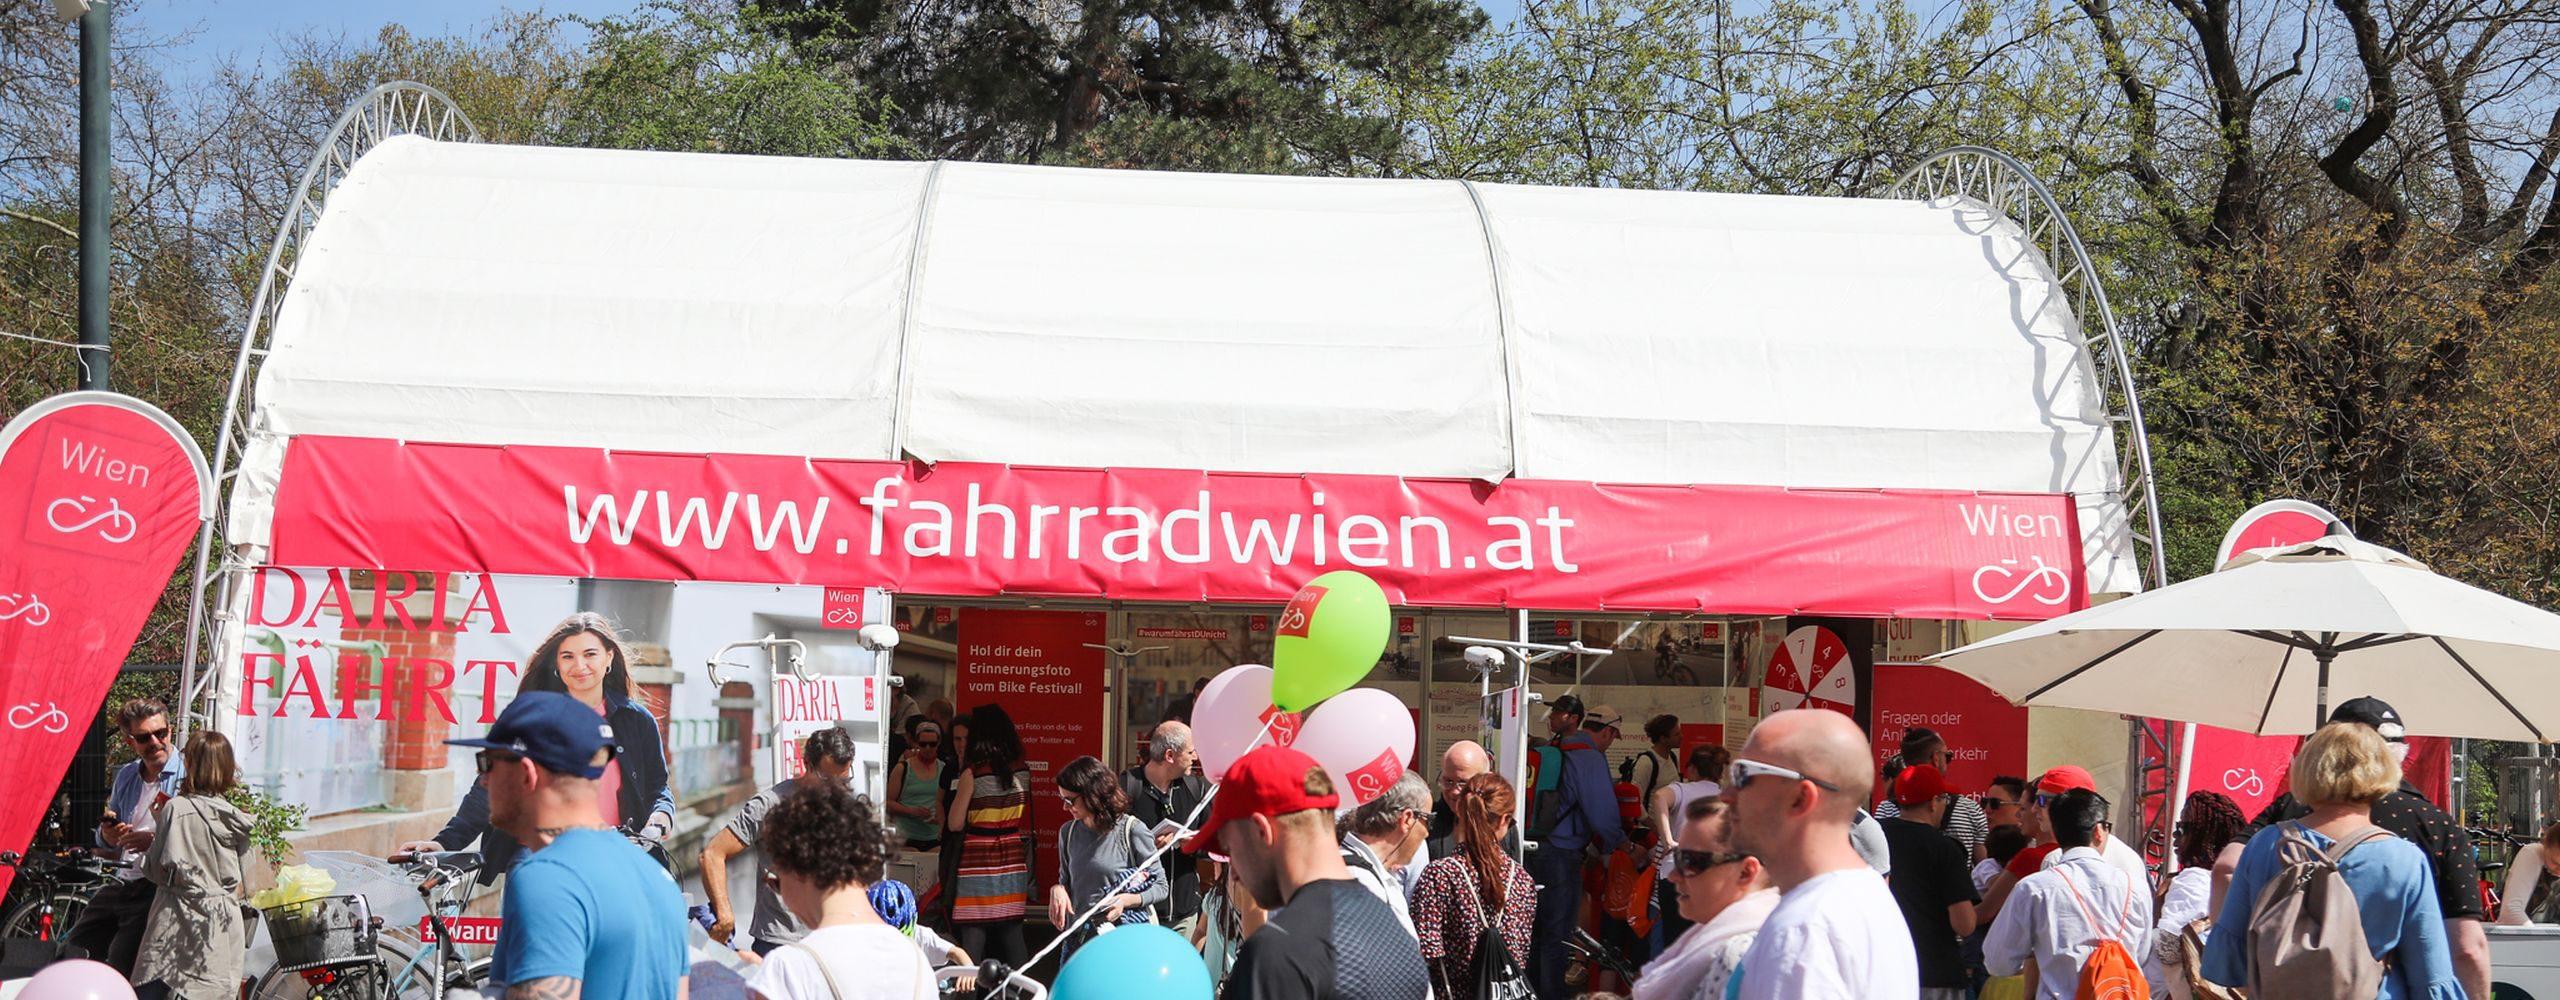 Das Bike Festival fand am 14. und 15. April 2018 am Rathausplatz statt. Es ist das größte Fahrrad-Event Europas. Am Fahrrad Wien Stand gibt es Infos rund ums Radfahren in Wien. Foto: Christian Fürthner